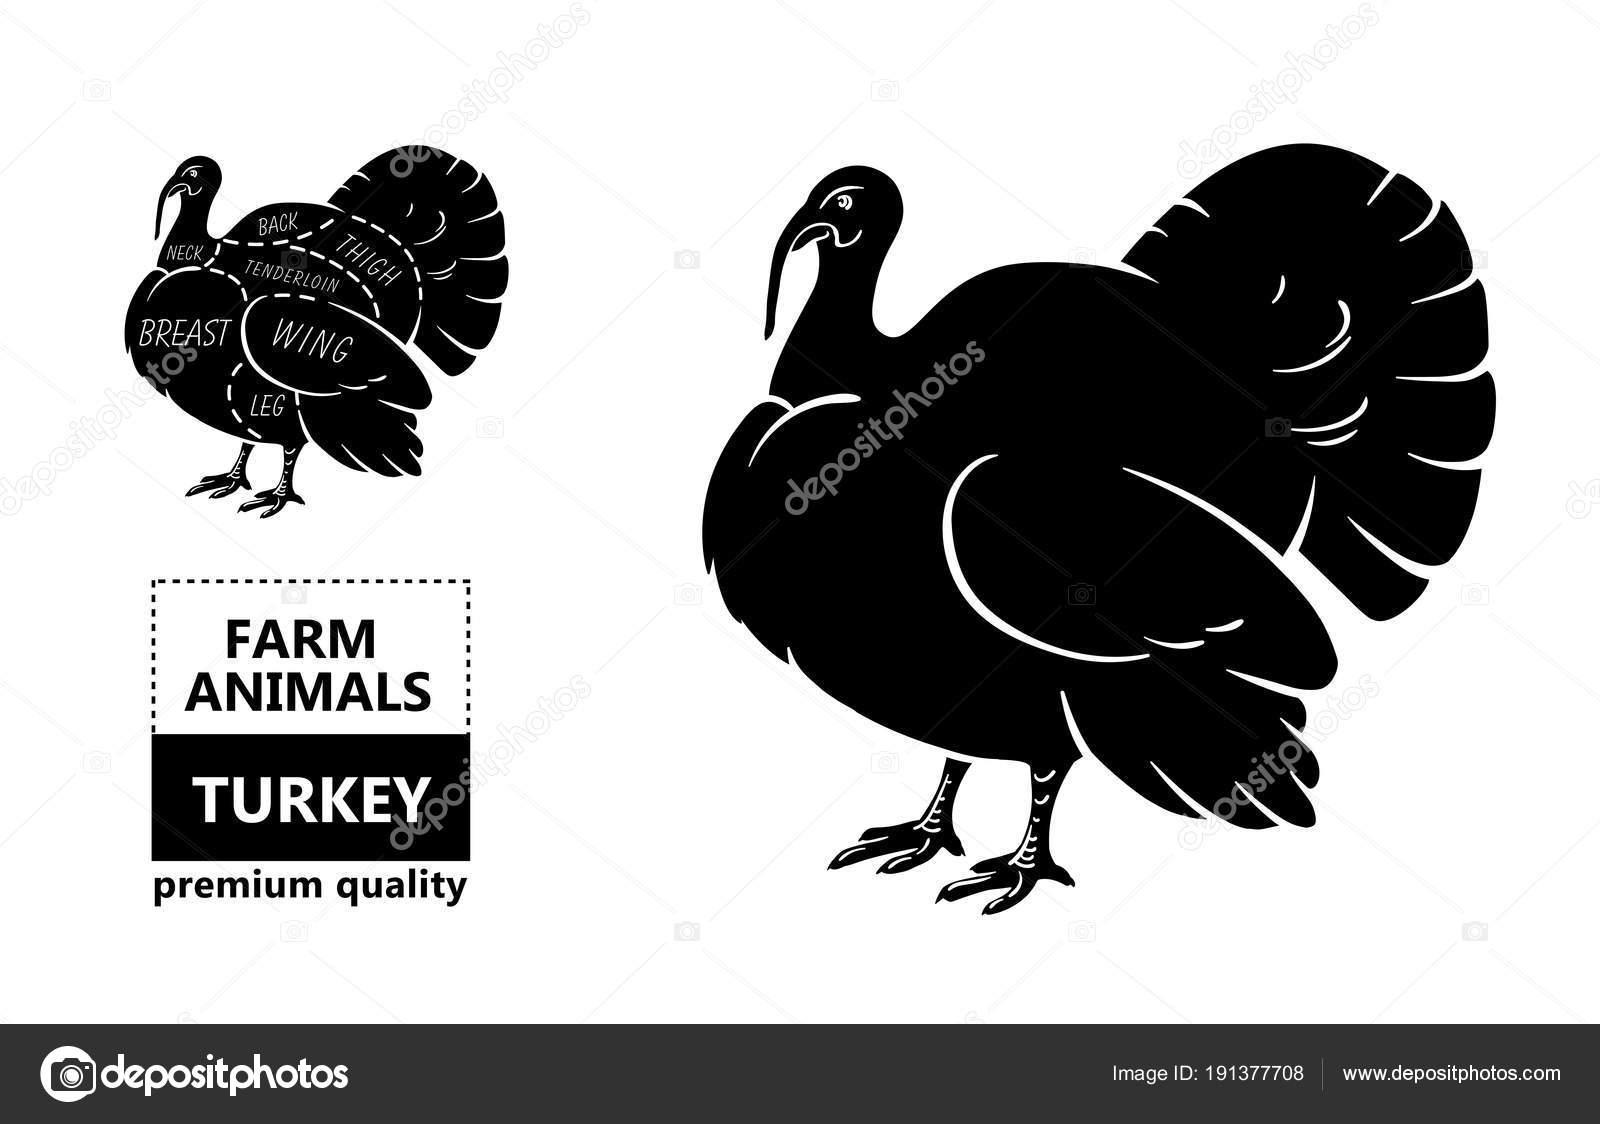 Diagrams Of Turkeys - Auto Wiring Diagram Today •